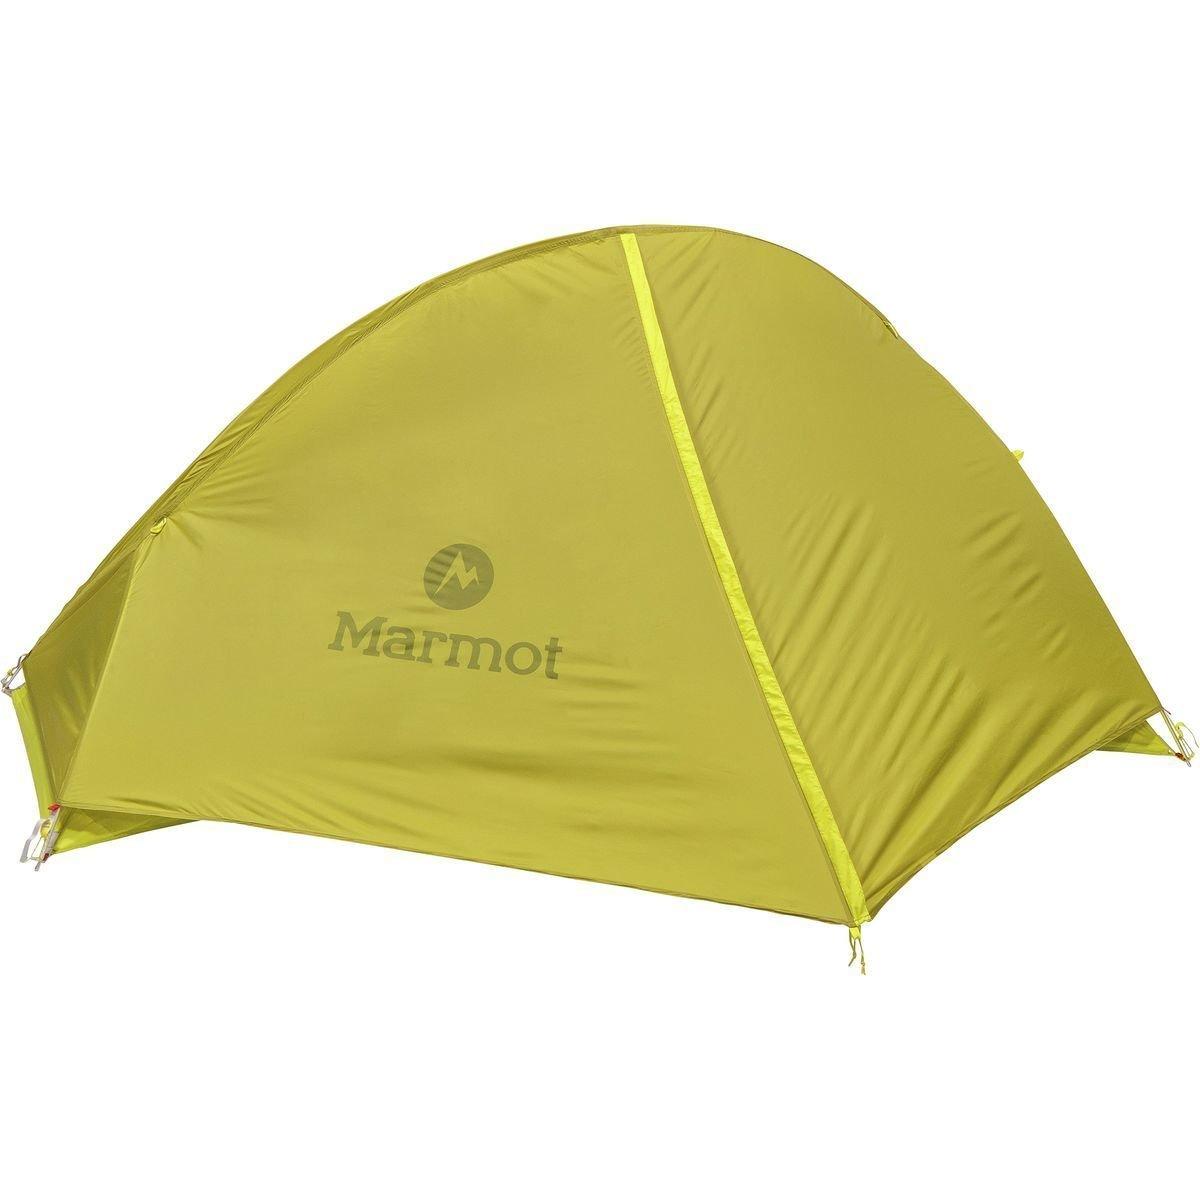 2. Marmot Eos 1p Tent